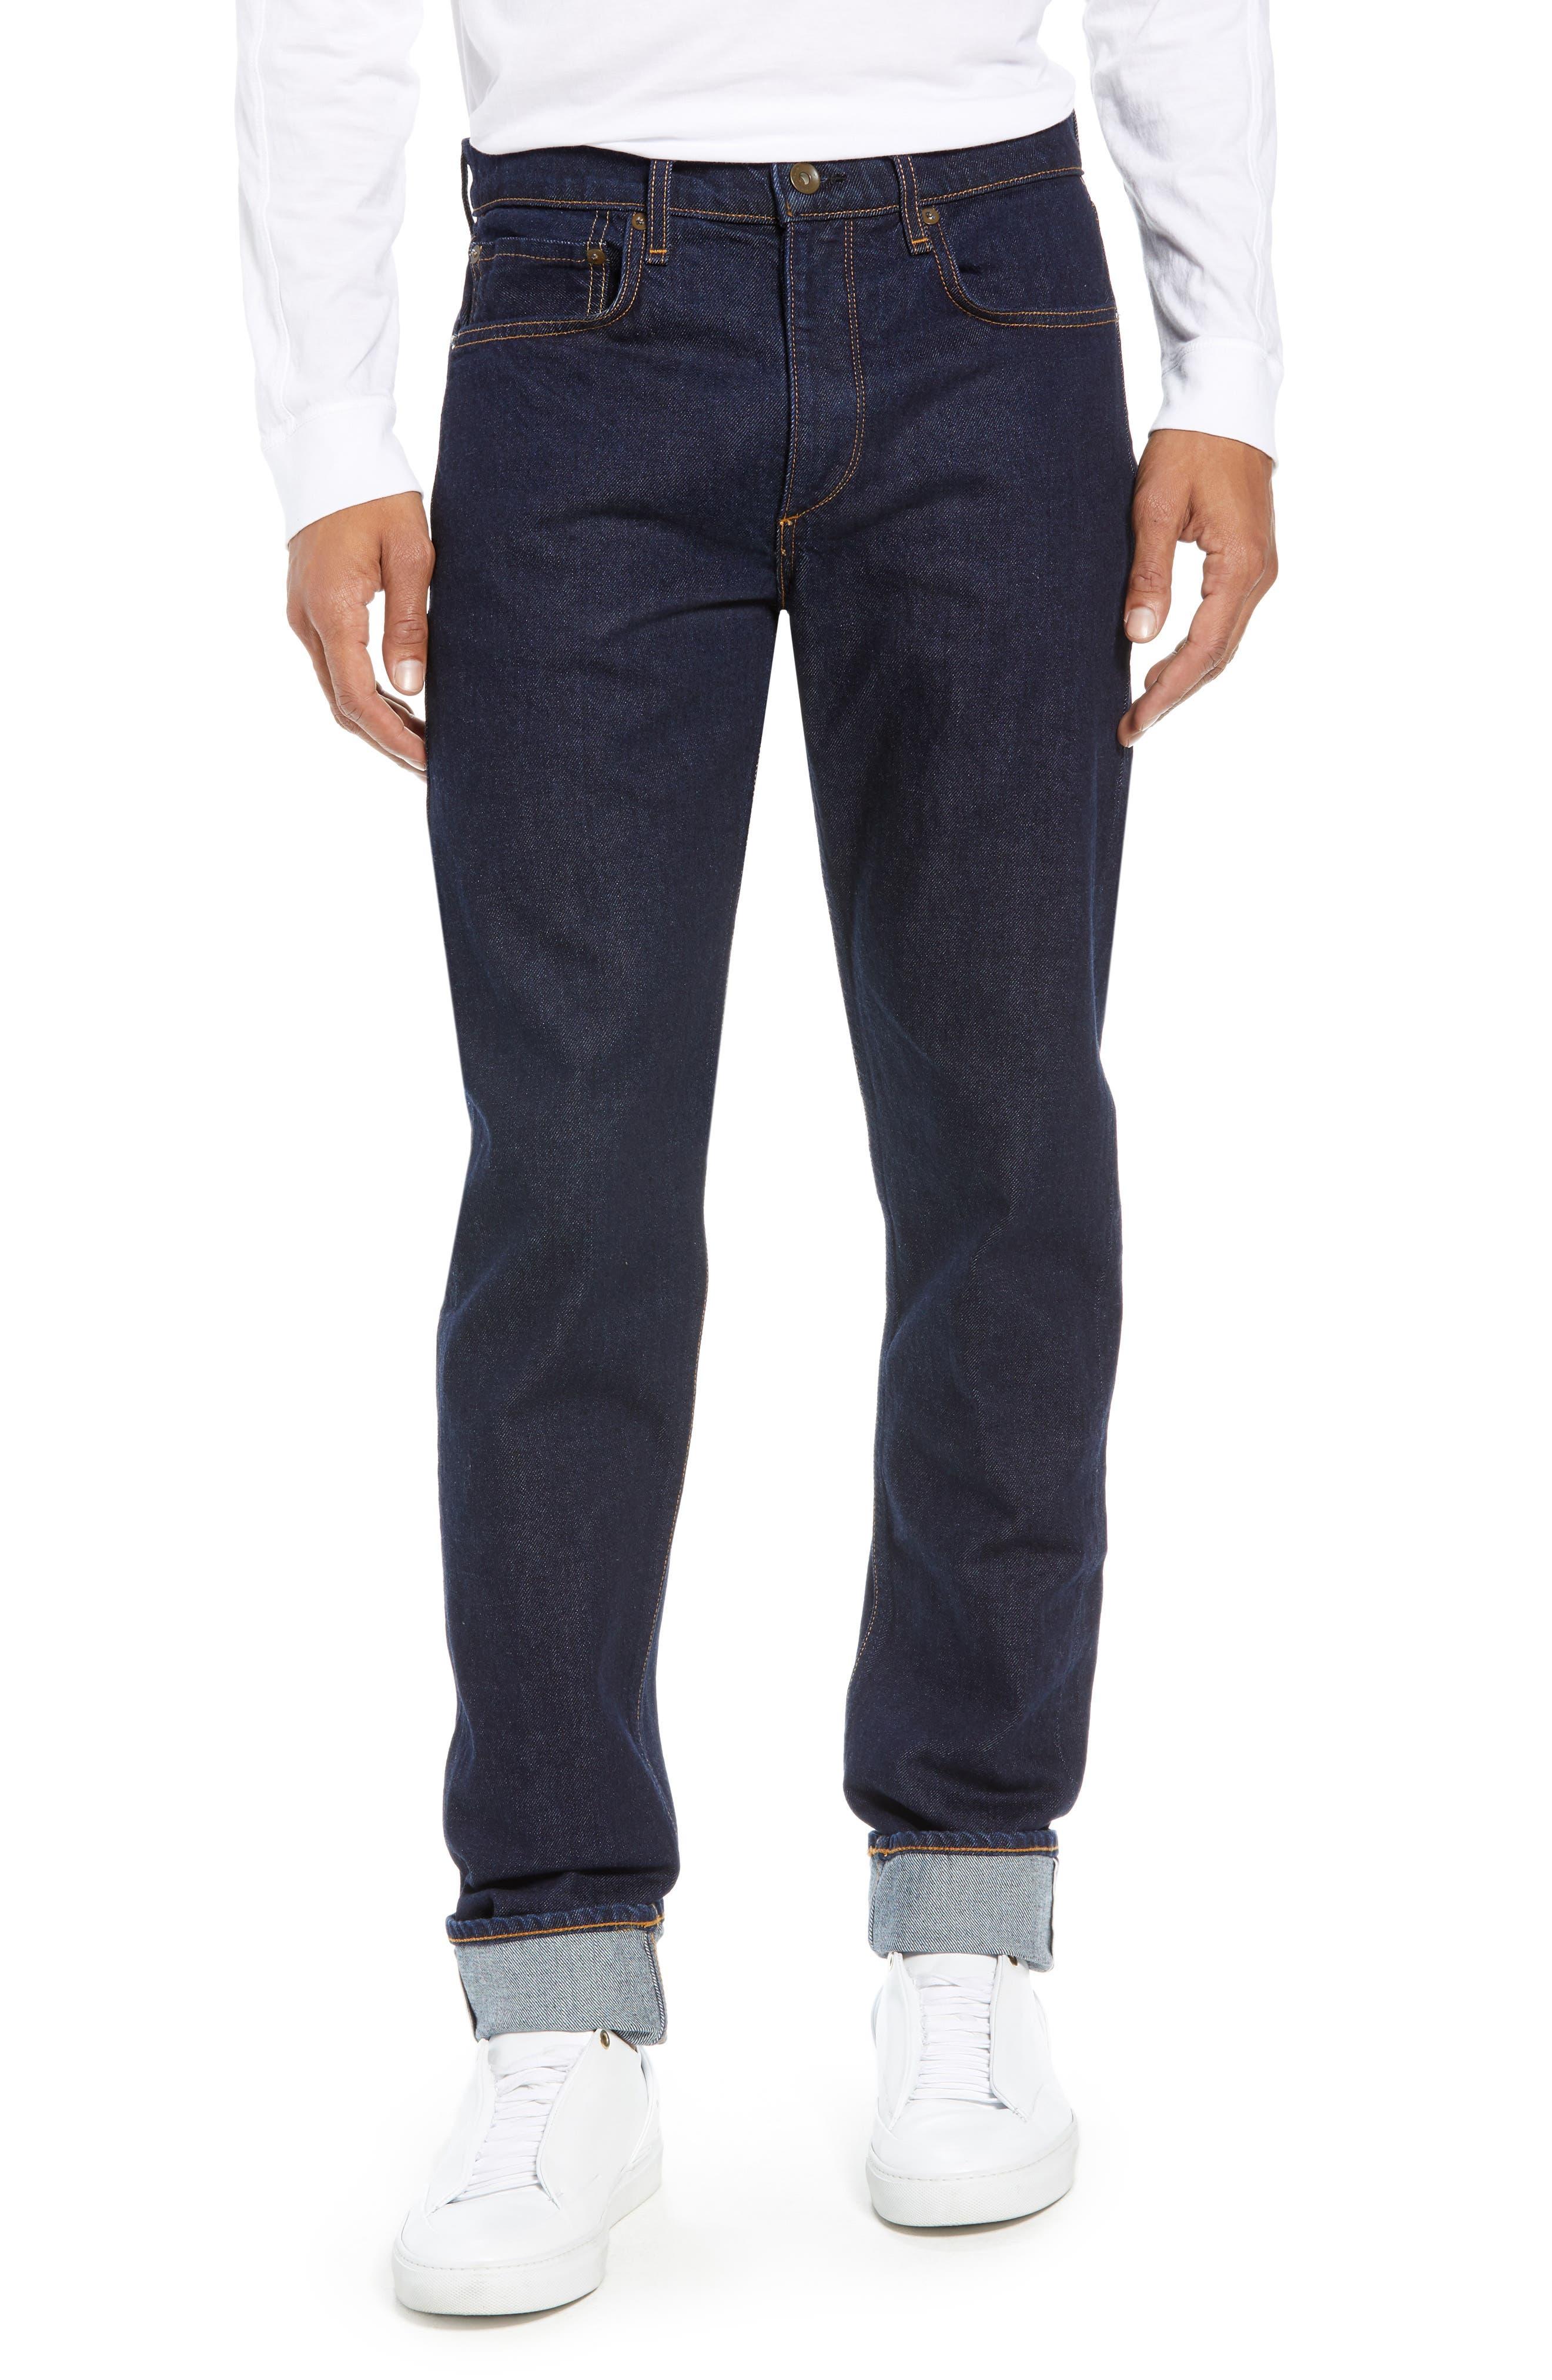 Fit 2 Slim Fit Jeans,                             Main thumbnail 1, color,                             420